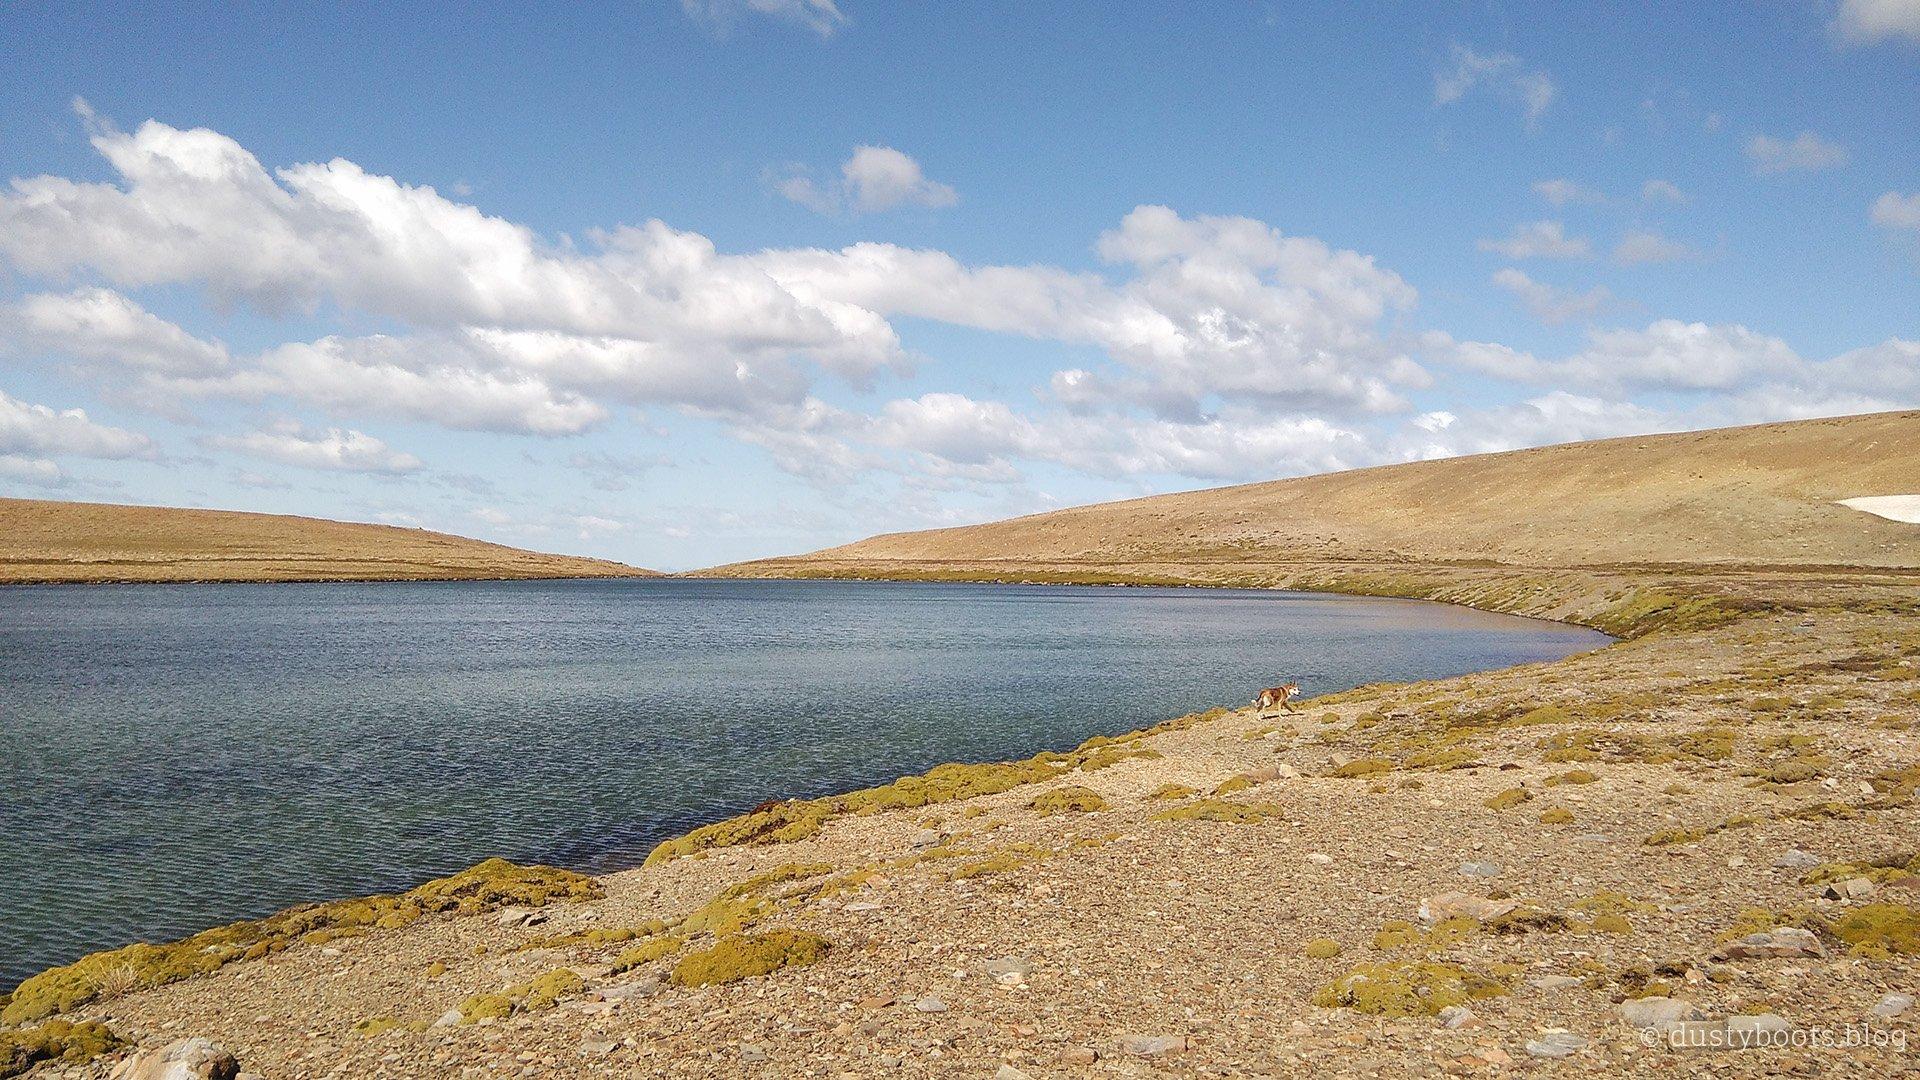 Erinnerungen ans Altiplano werden wach